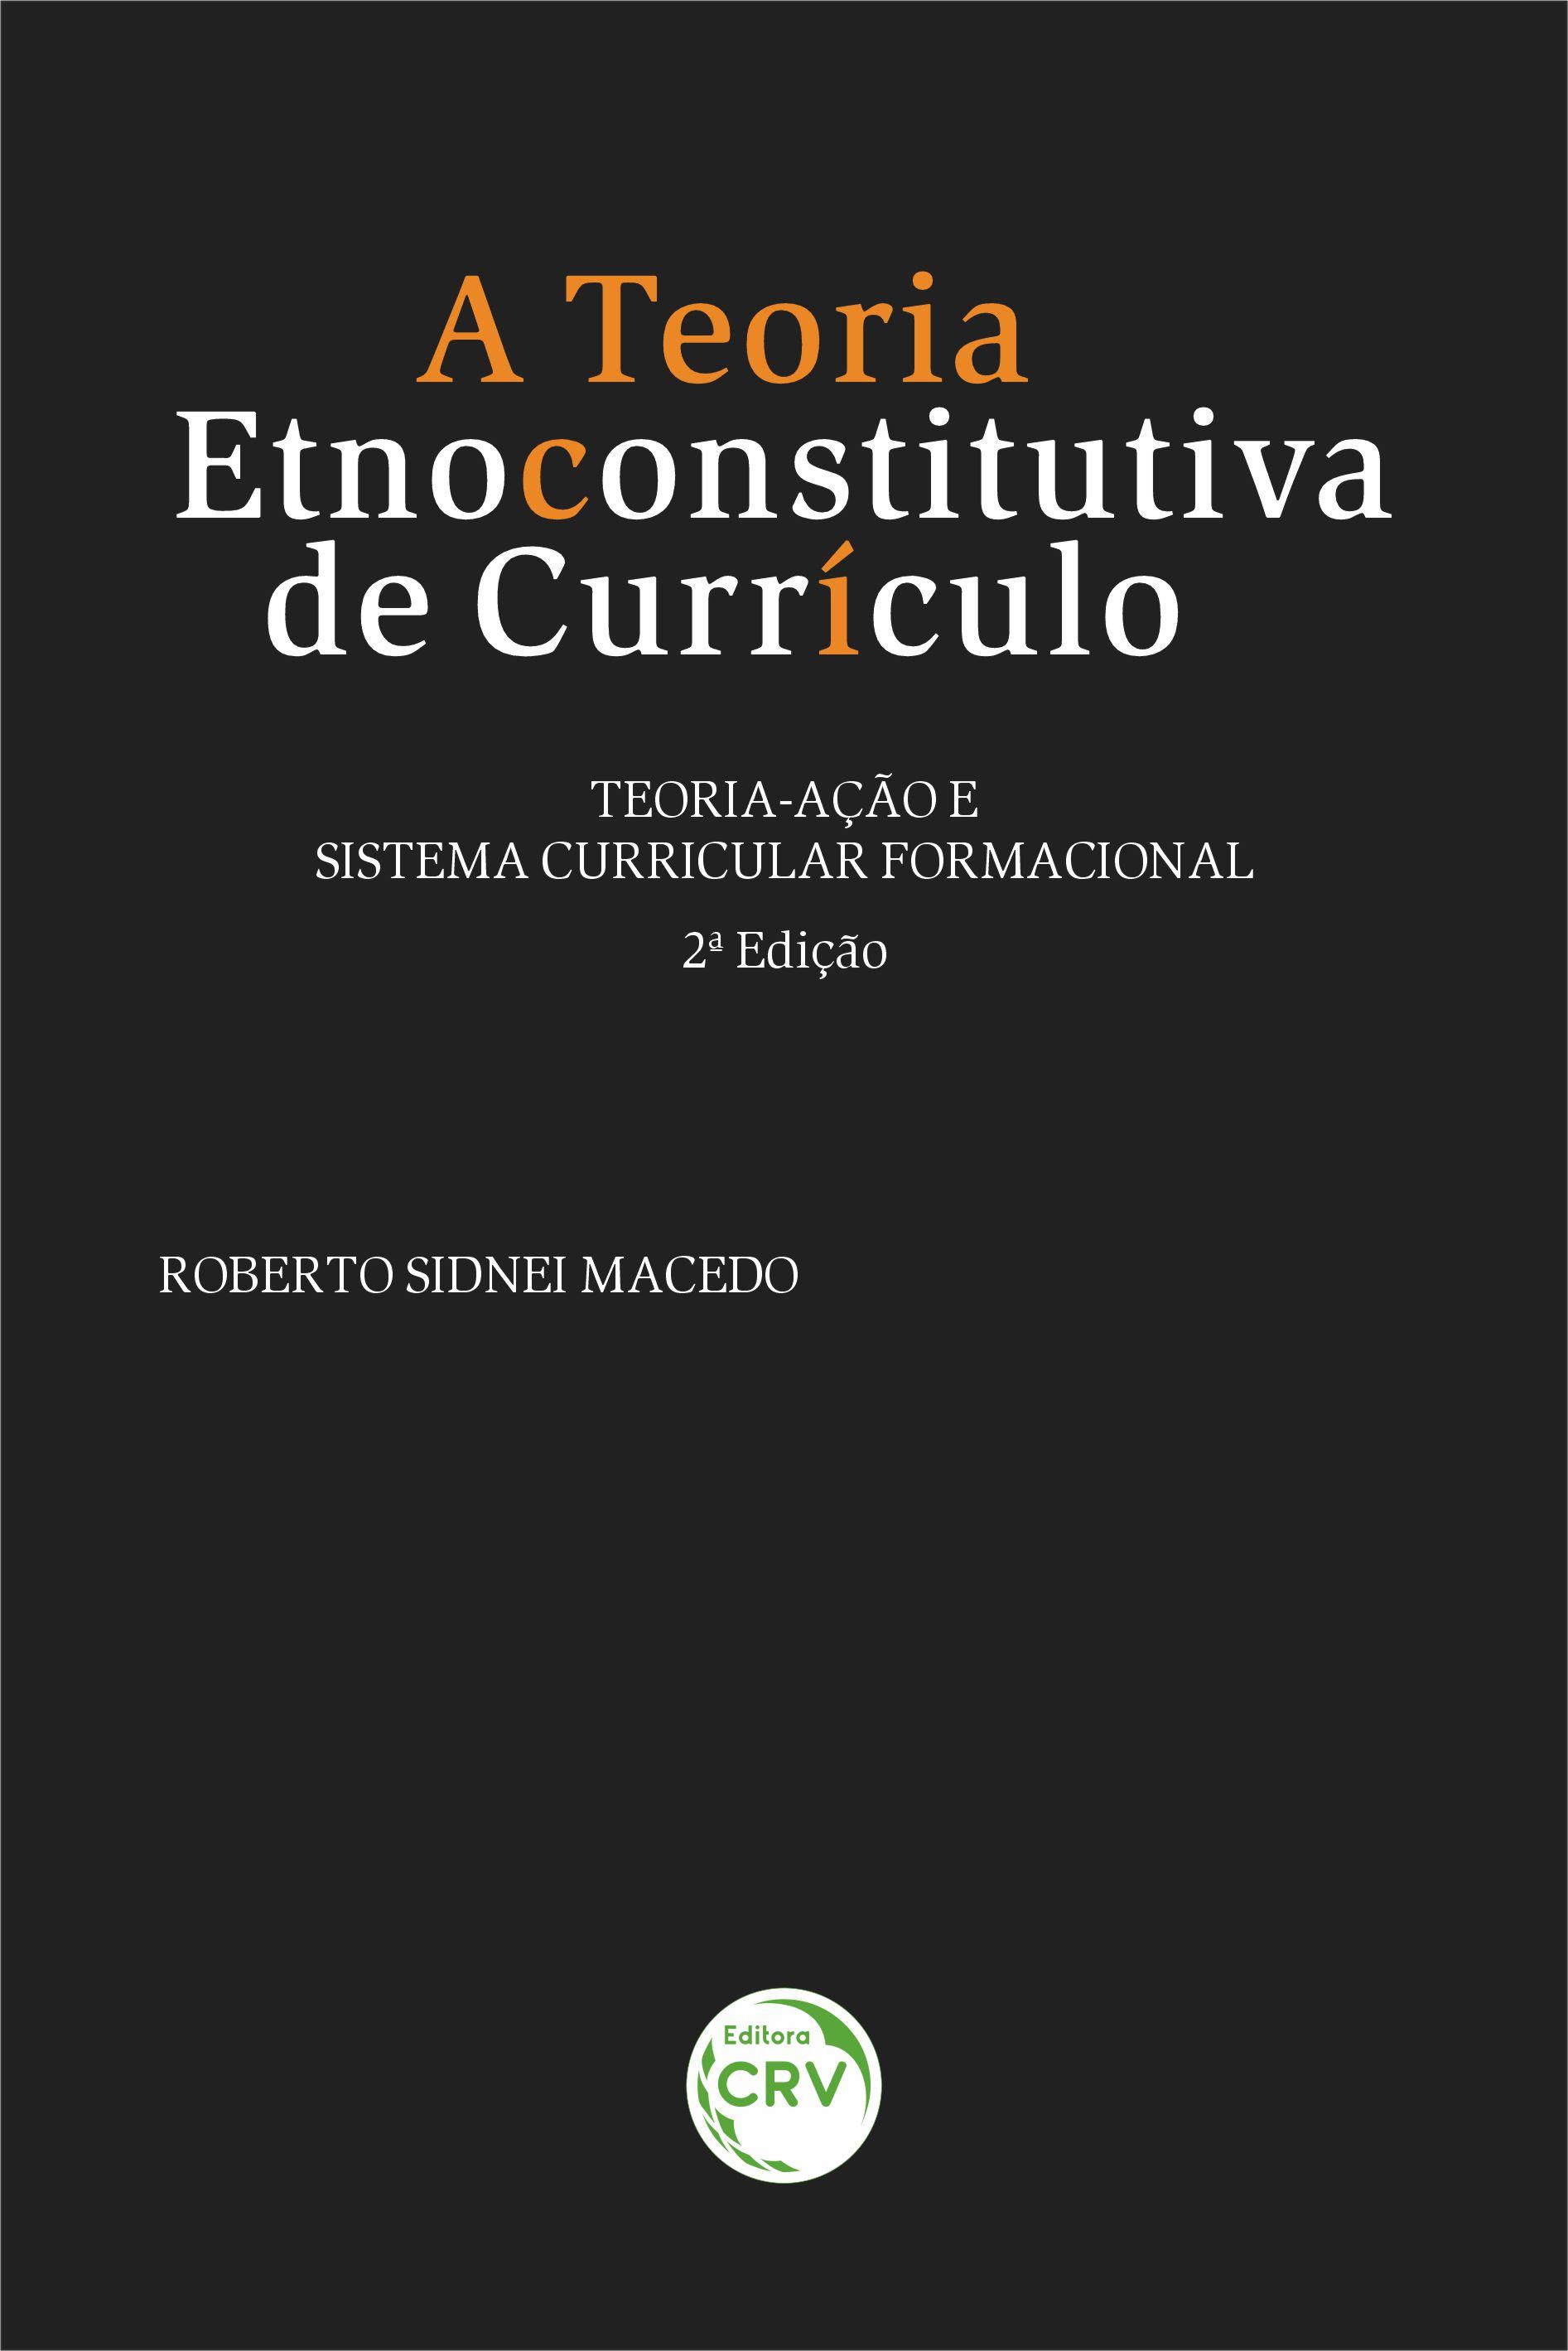 Capa do livro: A TEORIA ETNOCONSTITUTIVA DE CURRÍCULO: <BR>teoria-ação e sistema curricular formacional